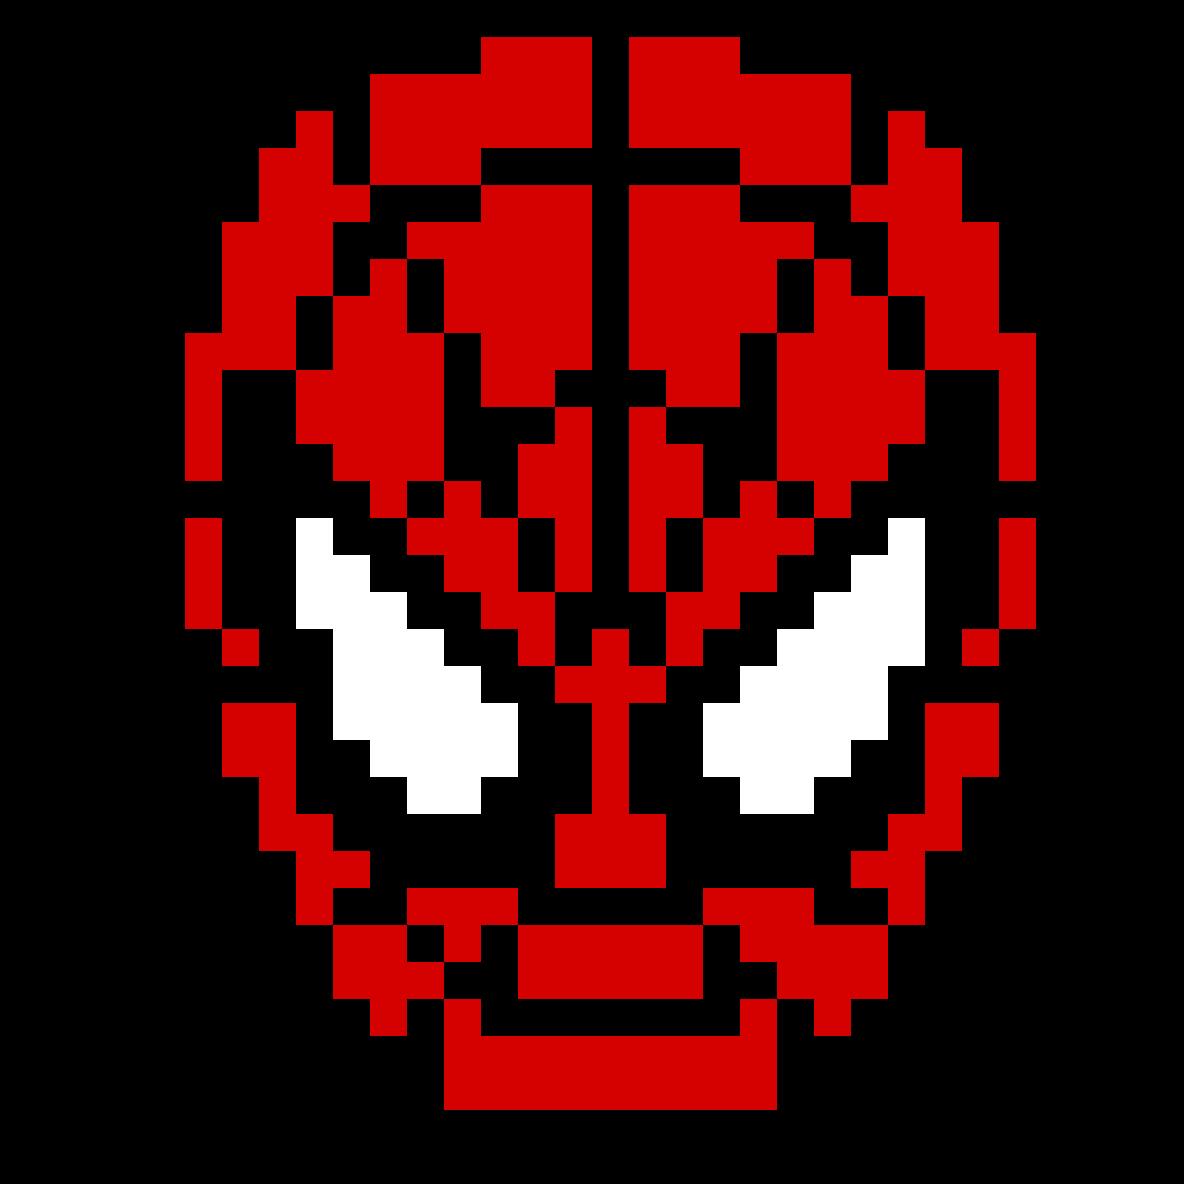 картинки как нарисовать человека паука по клеточкам режиссер, актер, продюсер